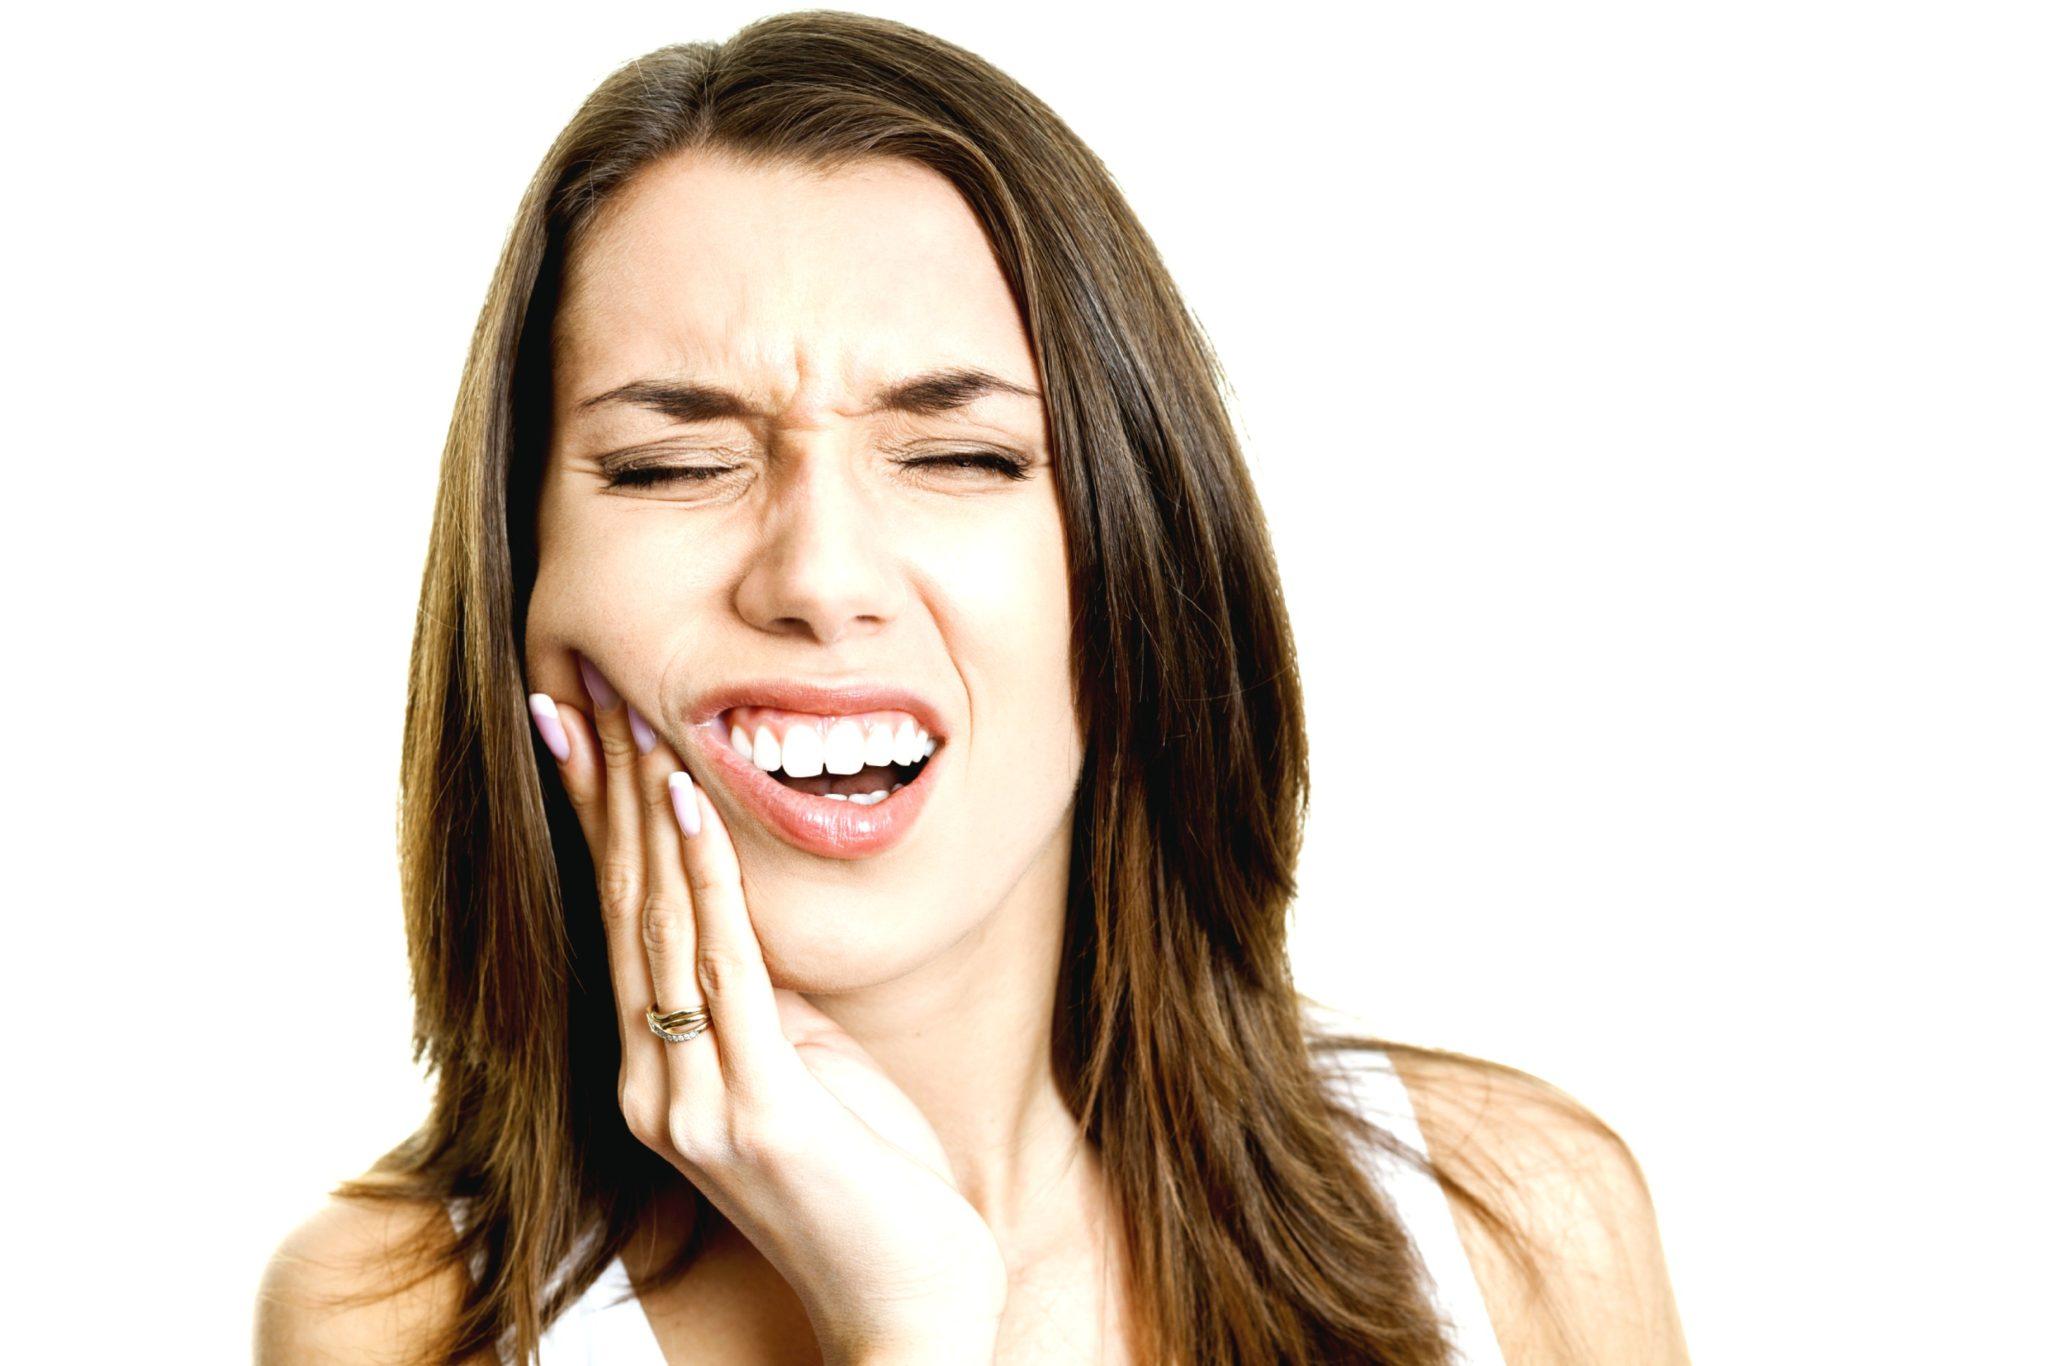 Diş ağrısına iyi gelen şeyler ile Etiketlenen Konular